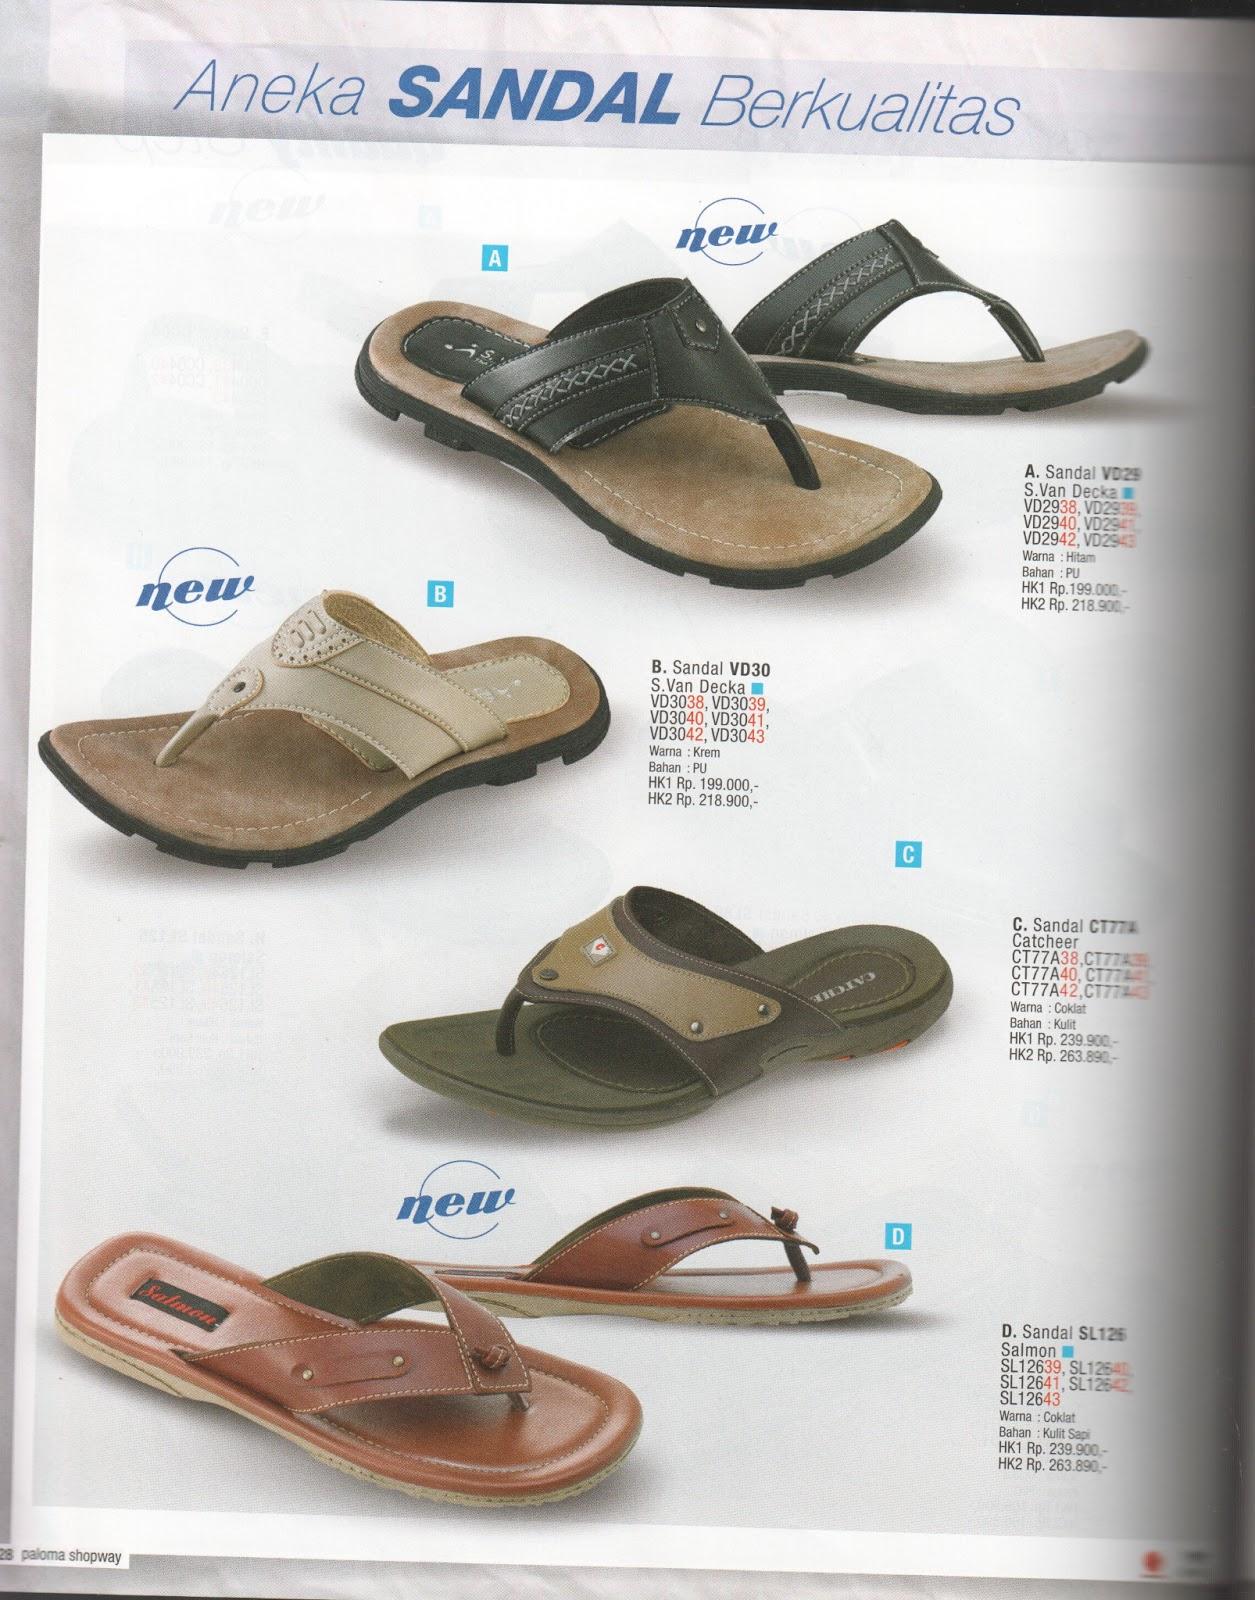 Butik Kristina Sponsor By Paloma Shopway Sandal Pria Koleksi Warna Hitam Note Lebih Jelas Klik Gambar